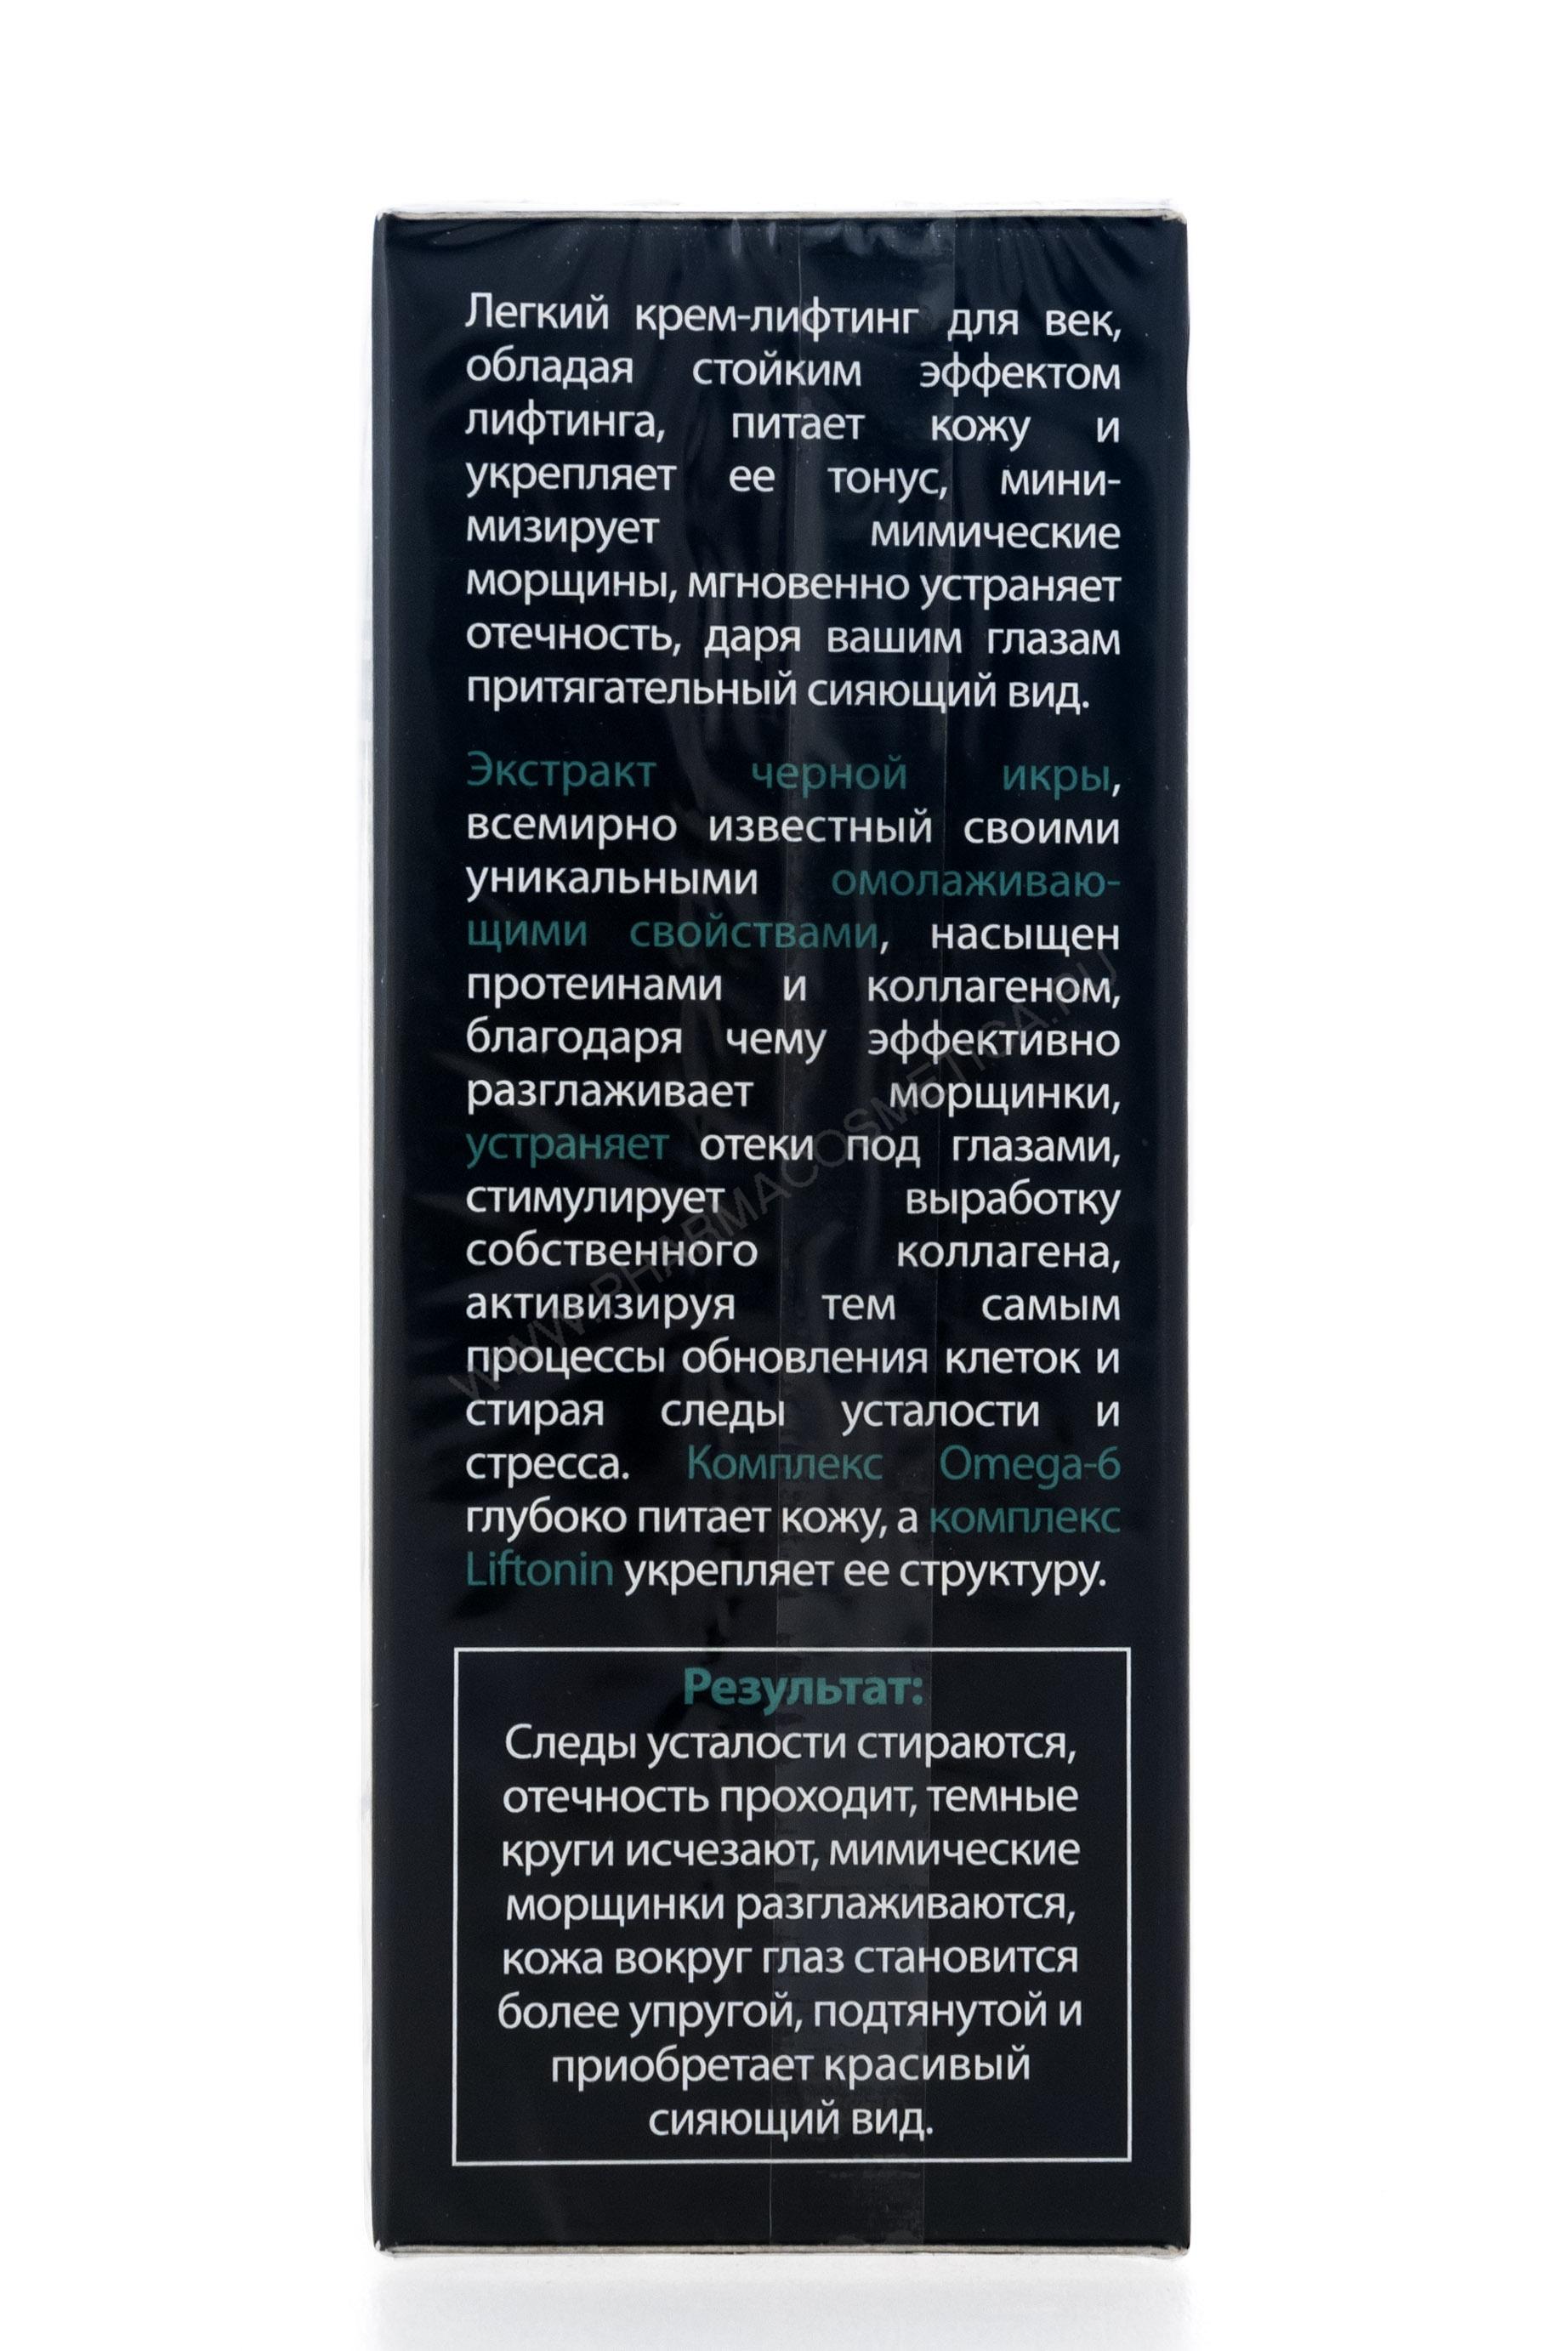 заказать Natura Siberica Натура Сиберика Ледяной крем-лифтинг для век Абсолют 15 мл (Absolut)